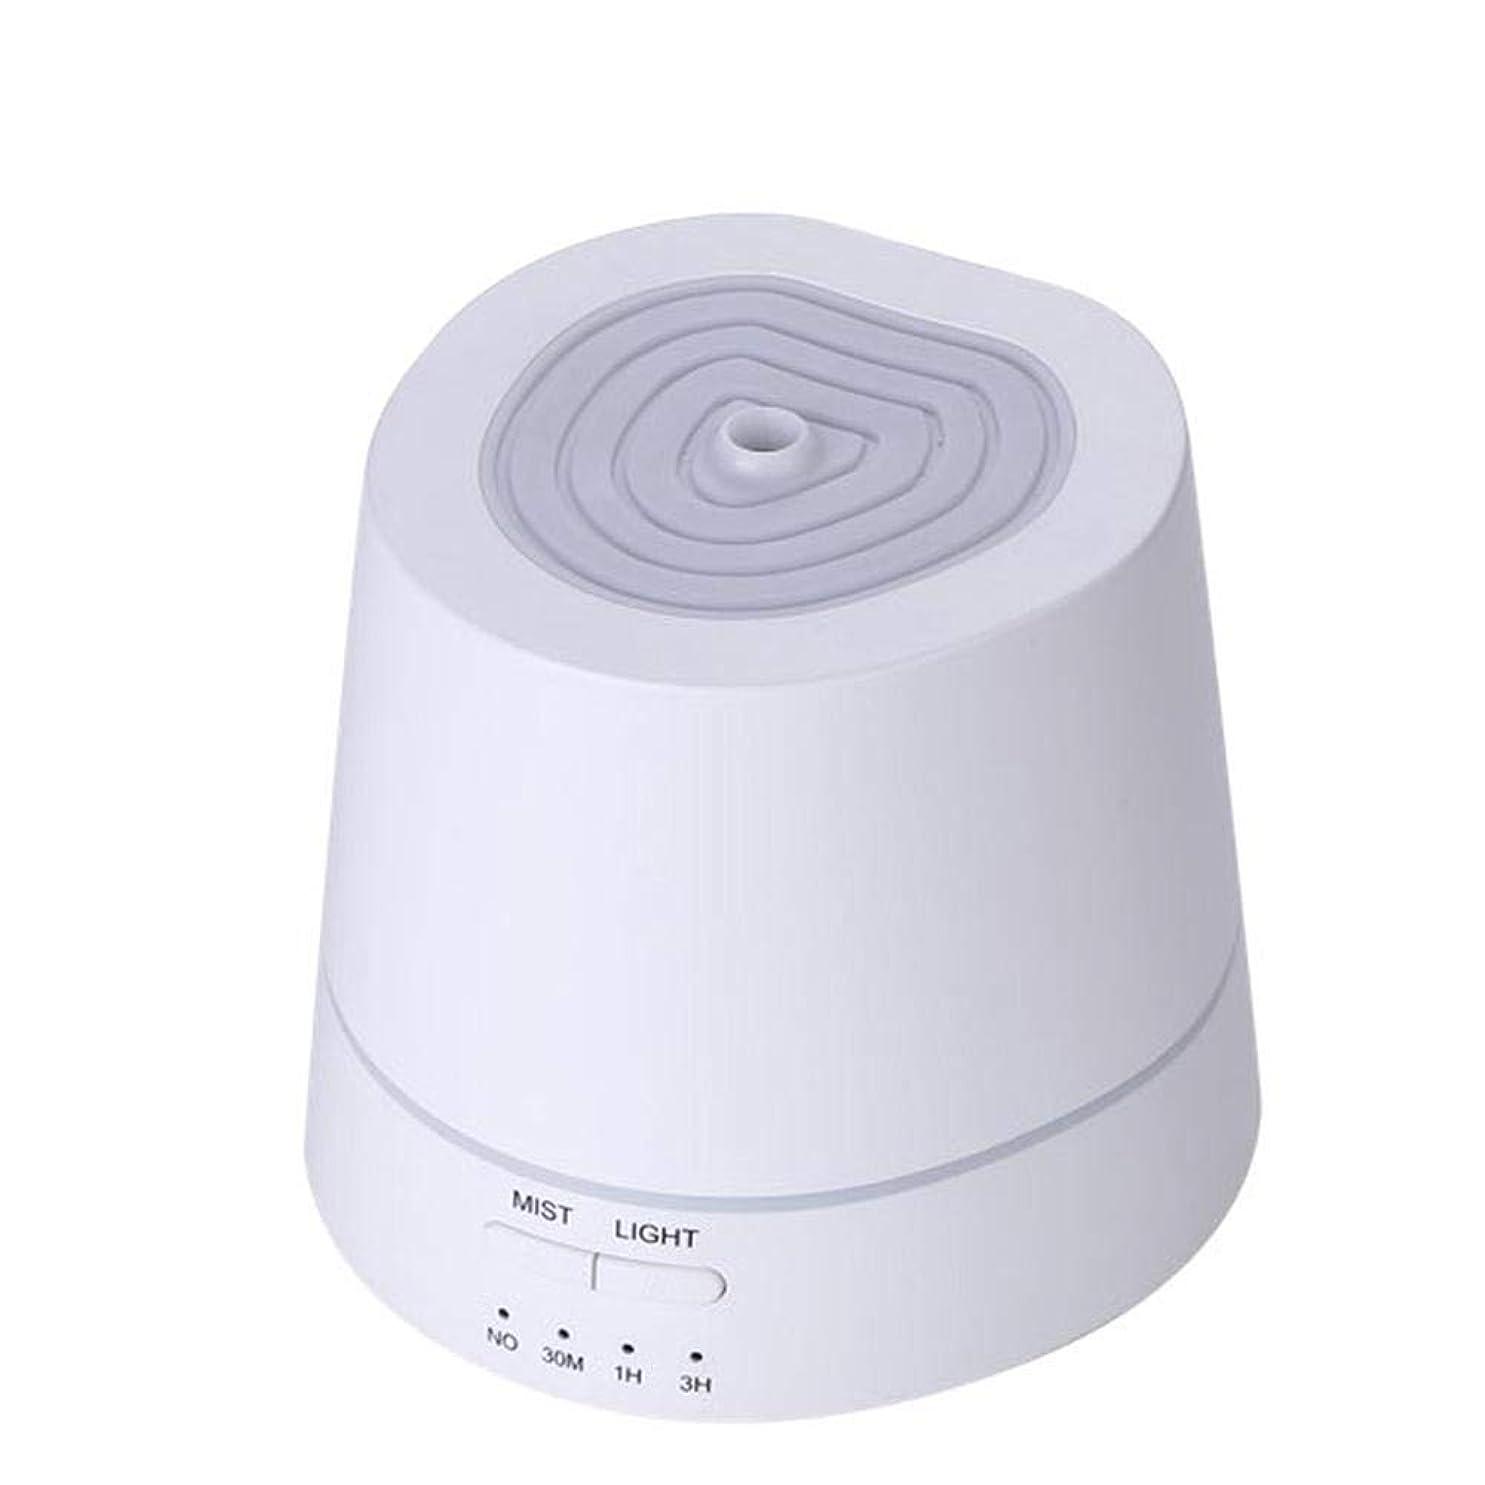 かすかな経験者評価可能アロマディフューザー 卓上加湿器 超音波式 150ml 小容量 USB充電式 7色LEDライト付き 間接照明 時間設定機能 部屋、会社、ヨガなど場所適用 Styleshow